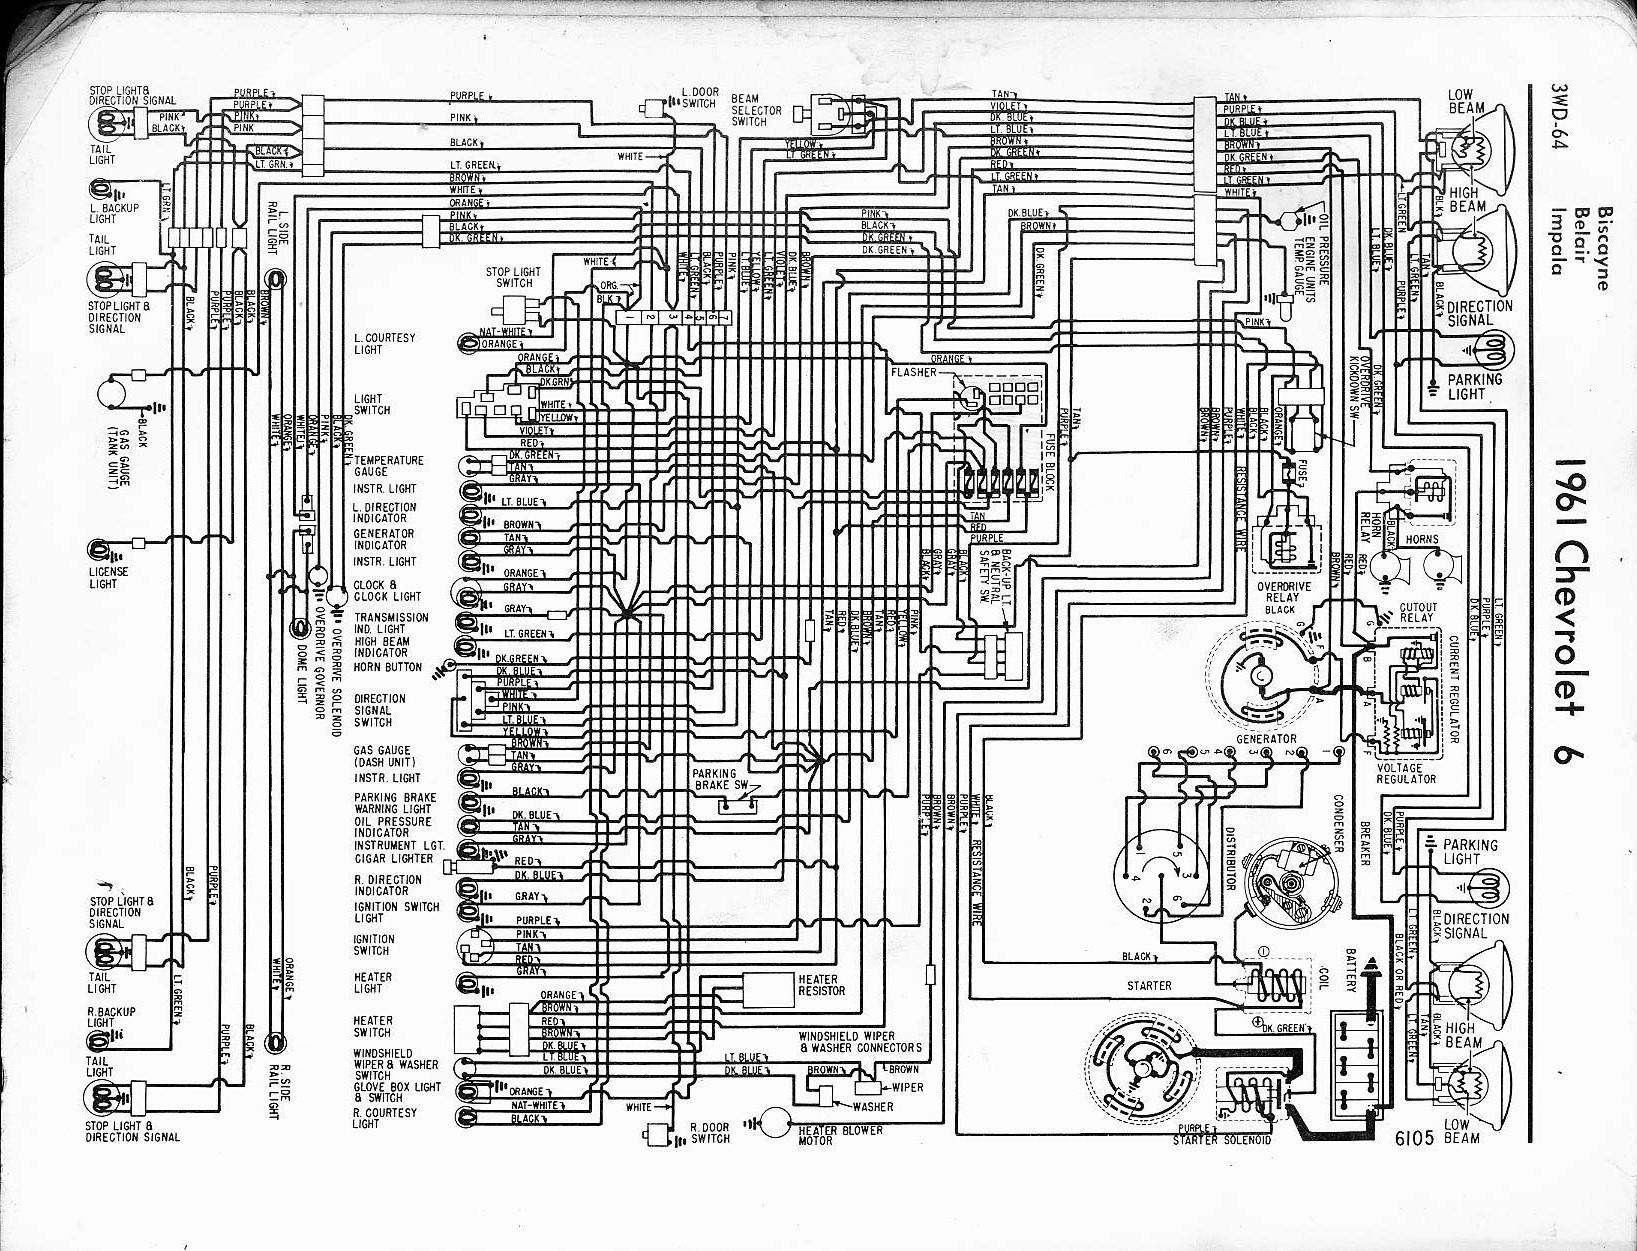 plug wiring diagram canada emg hz diagrams alternator question canadian poncho